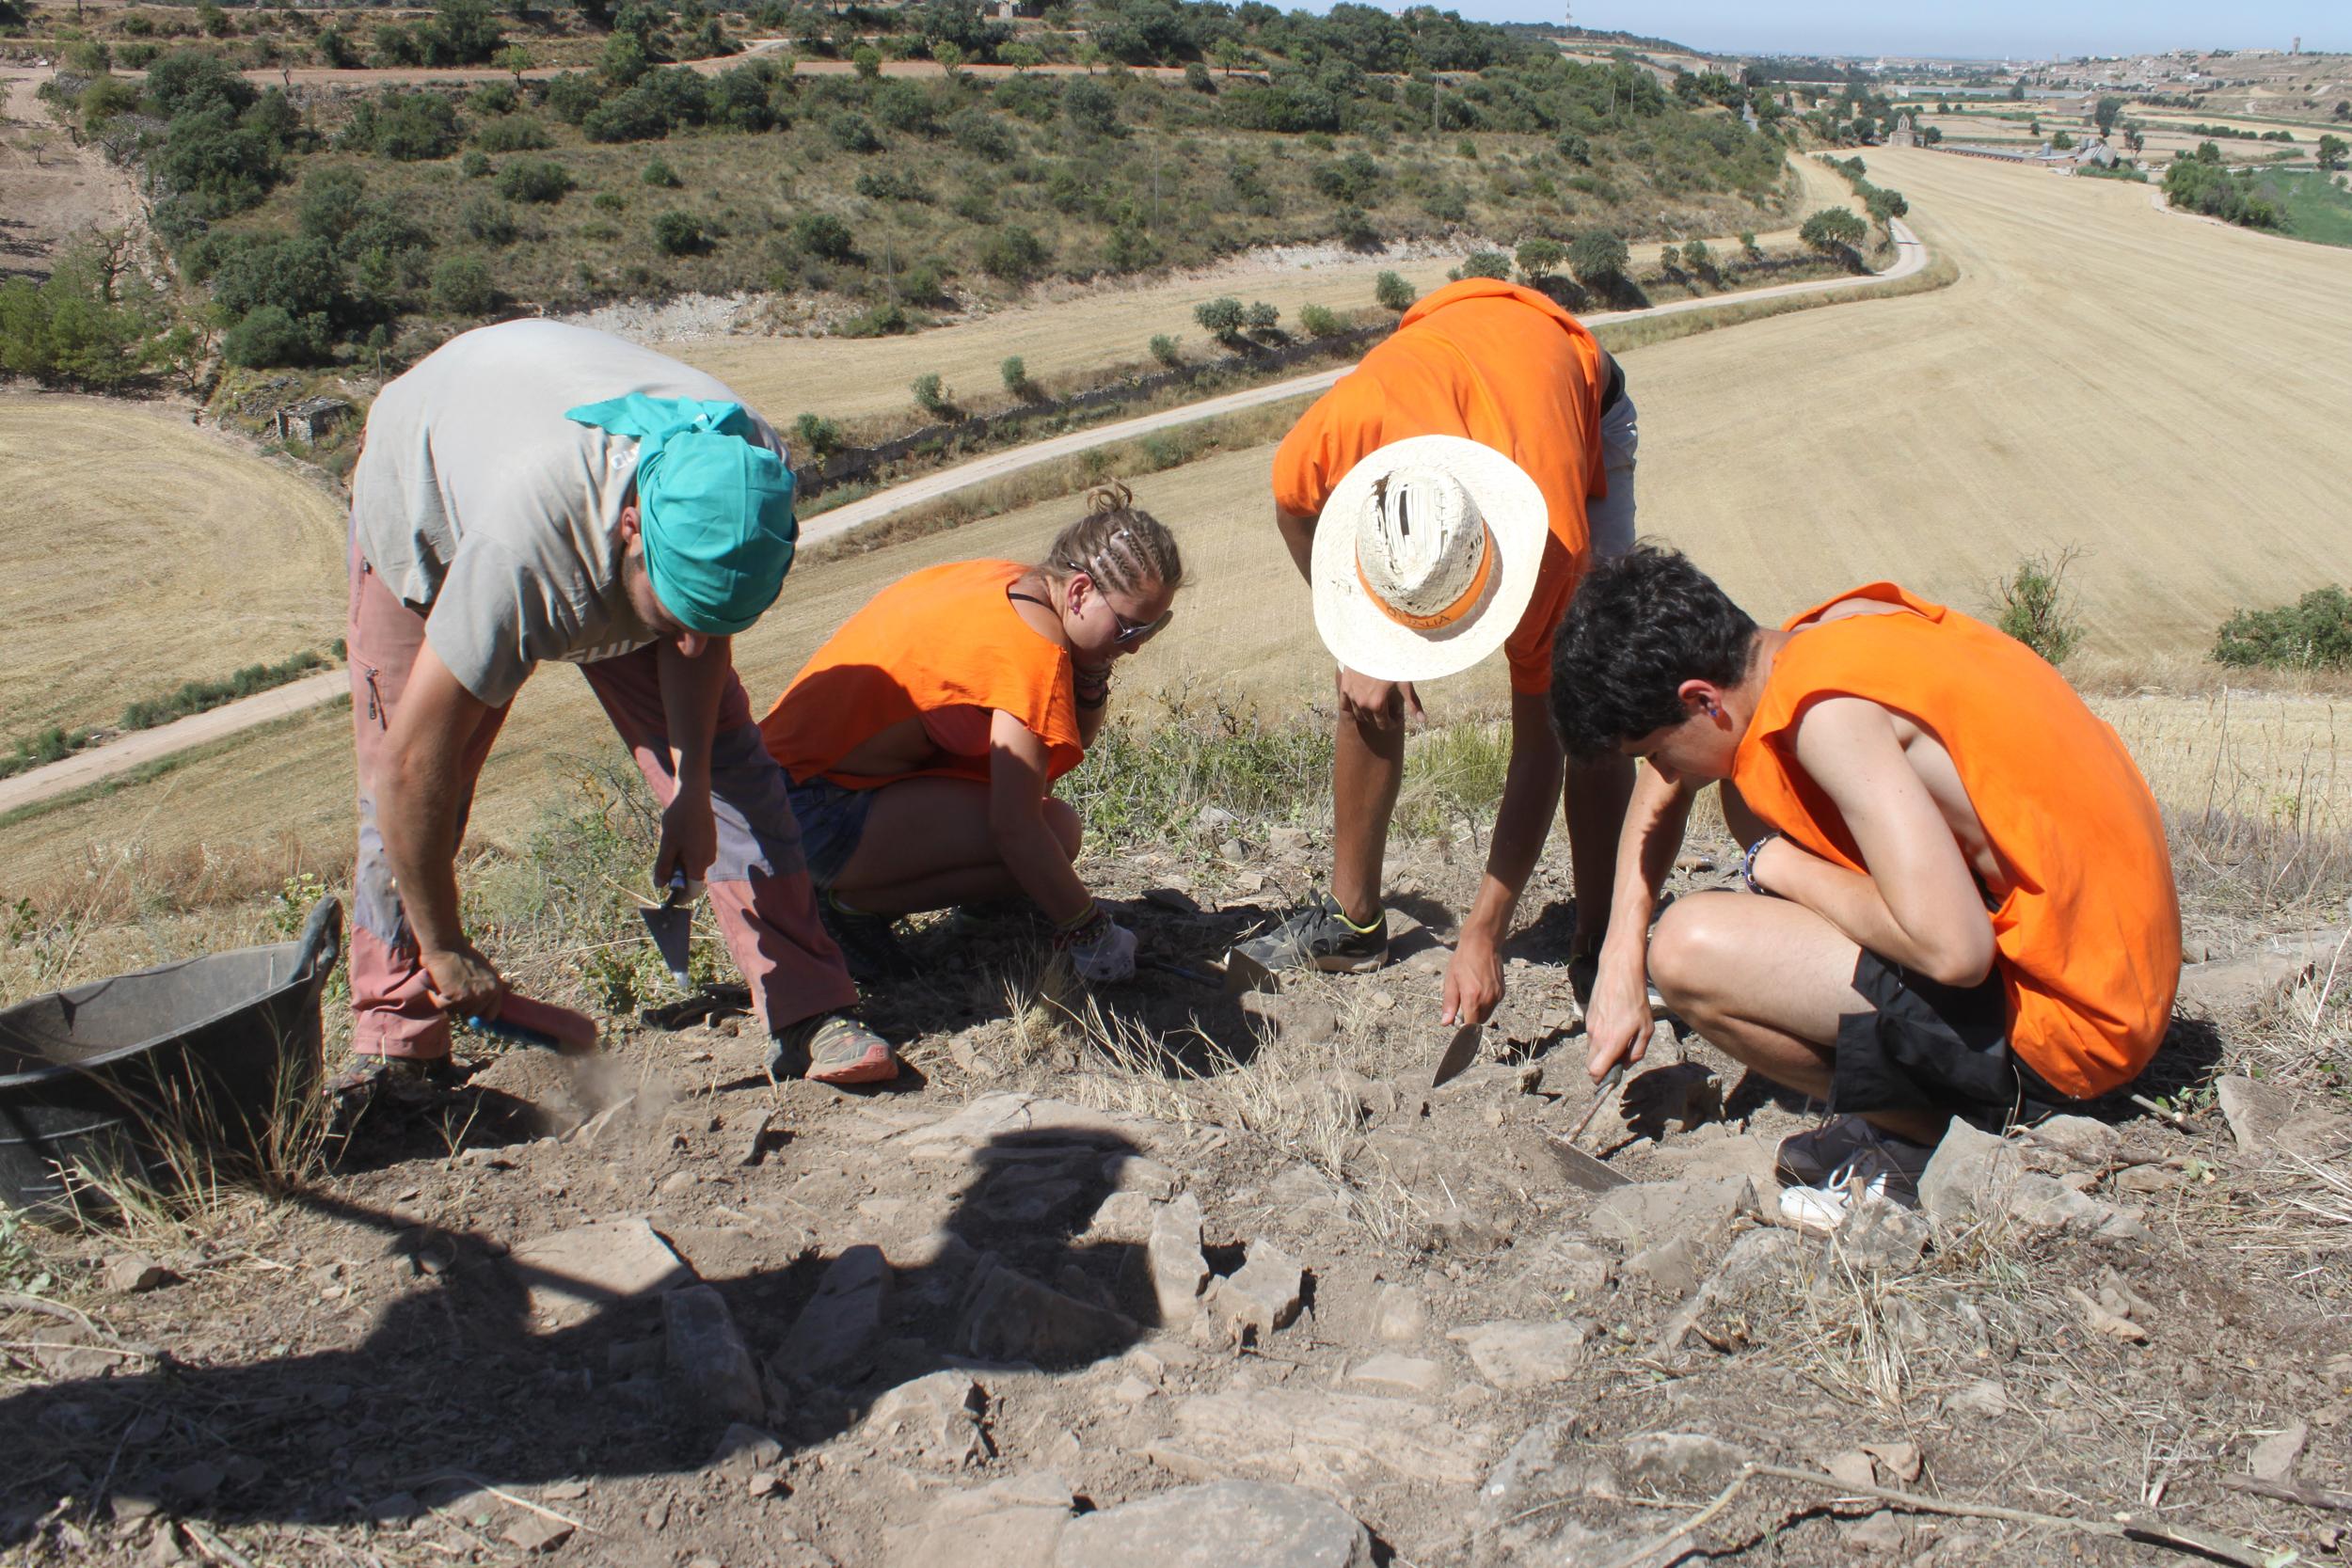 El camp de treball d'arqueologia al Pla de les Tenalles, jaciment ibèric de Tàrrega, aporta dades sobre l'estructura defensiva del poblat